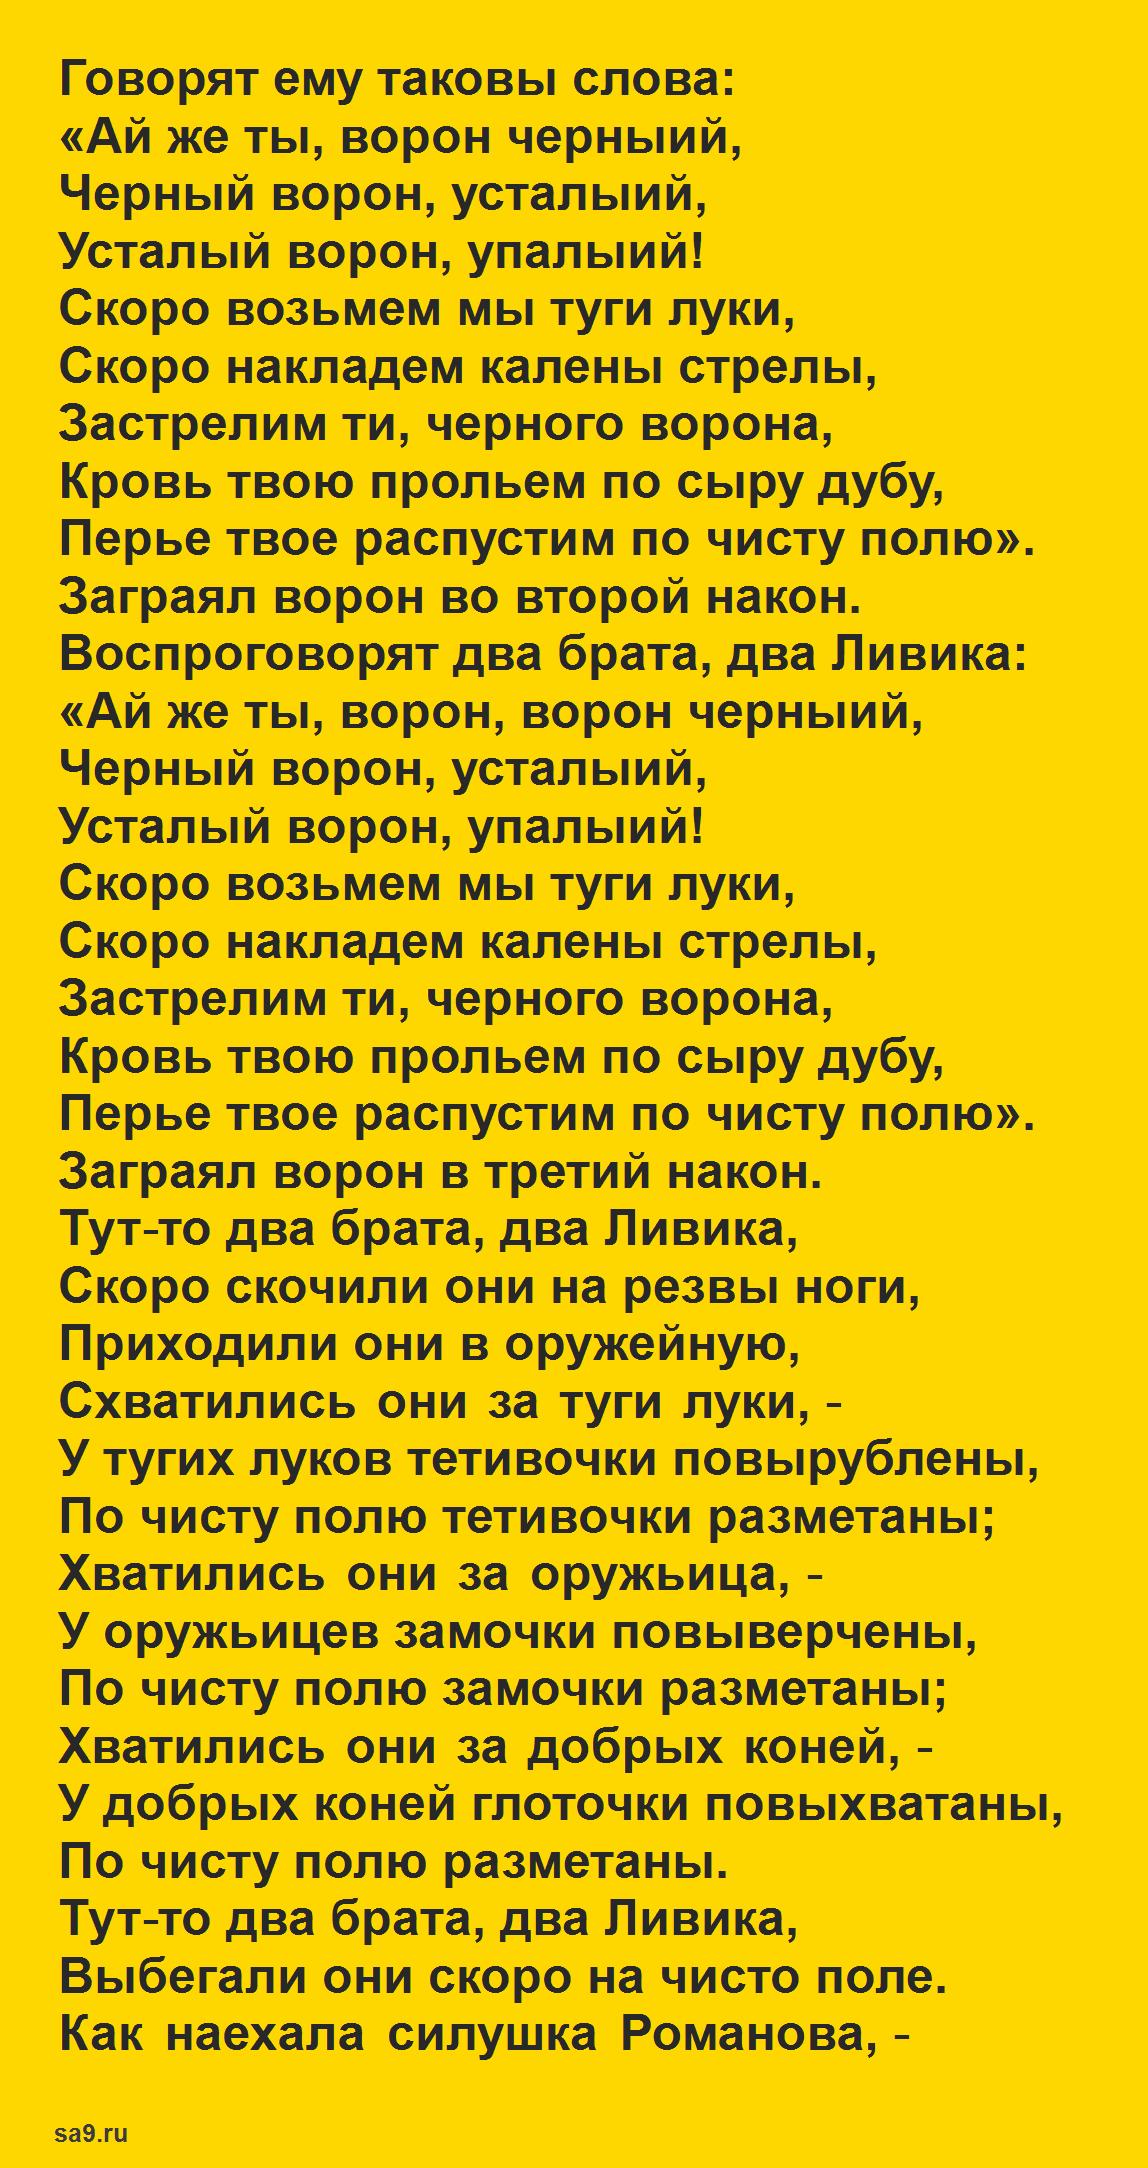 Былина - Князь Роман и братья Ливики